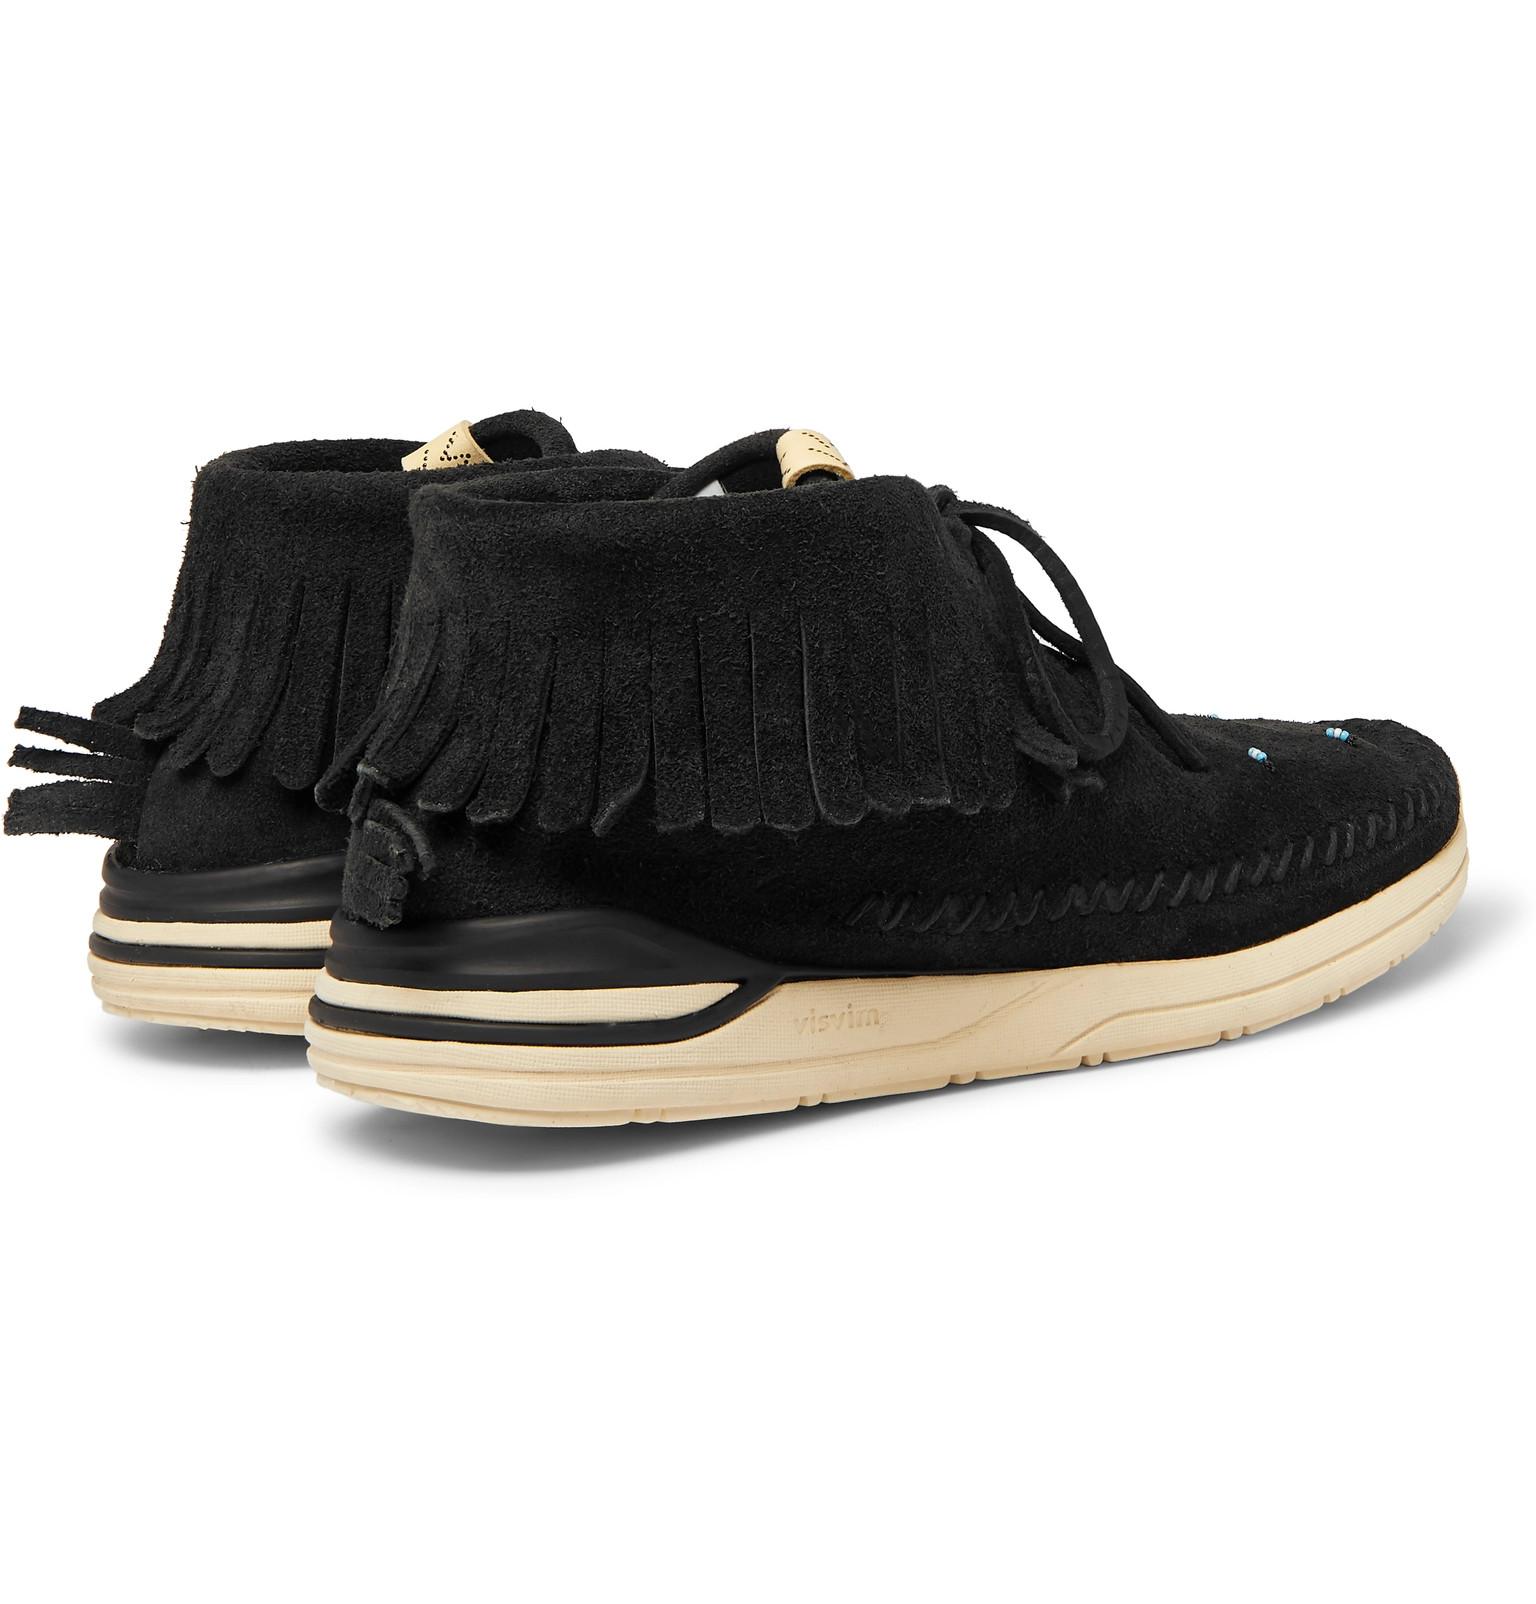 Visvim Maliseet Brushed Shaman Suede Fringed Embellished Sneakers wUwC7z